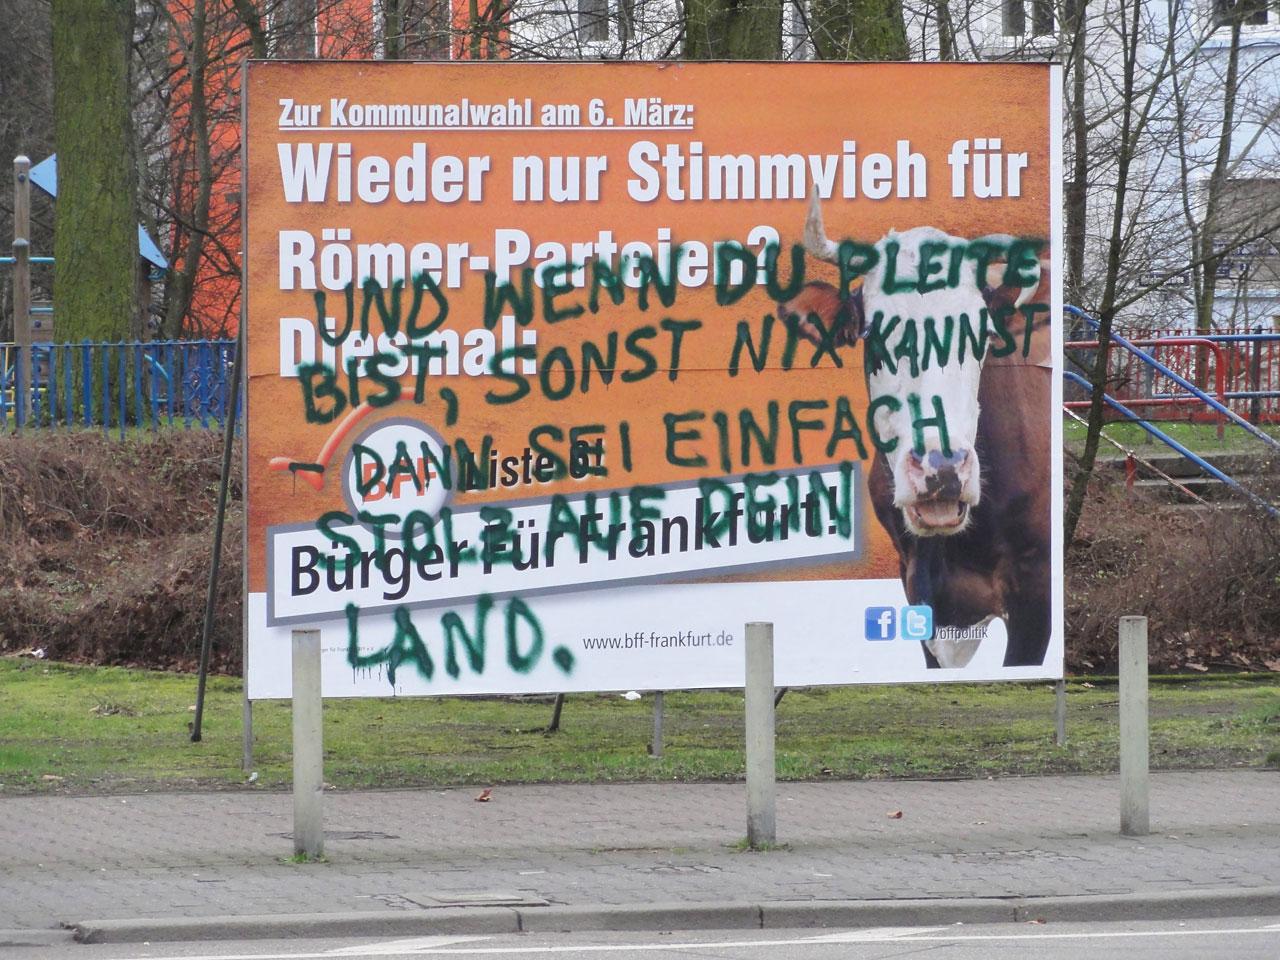 BFF Plakat besprueht: Dann sei doch einfach stolz auf dein Land